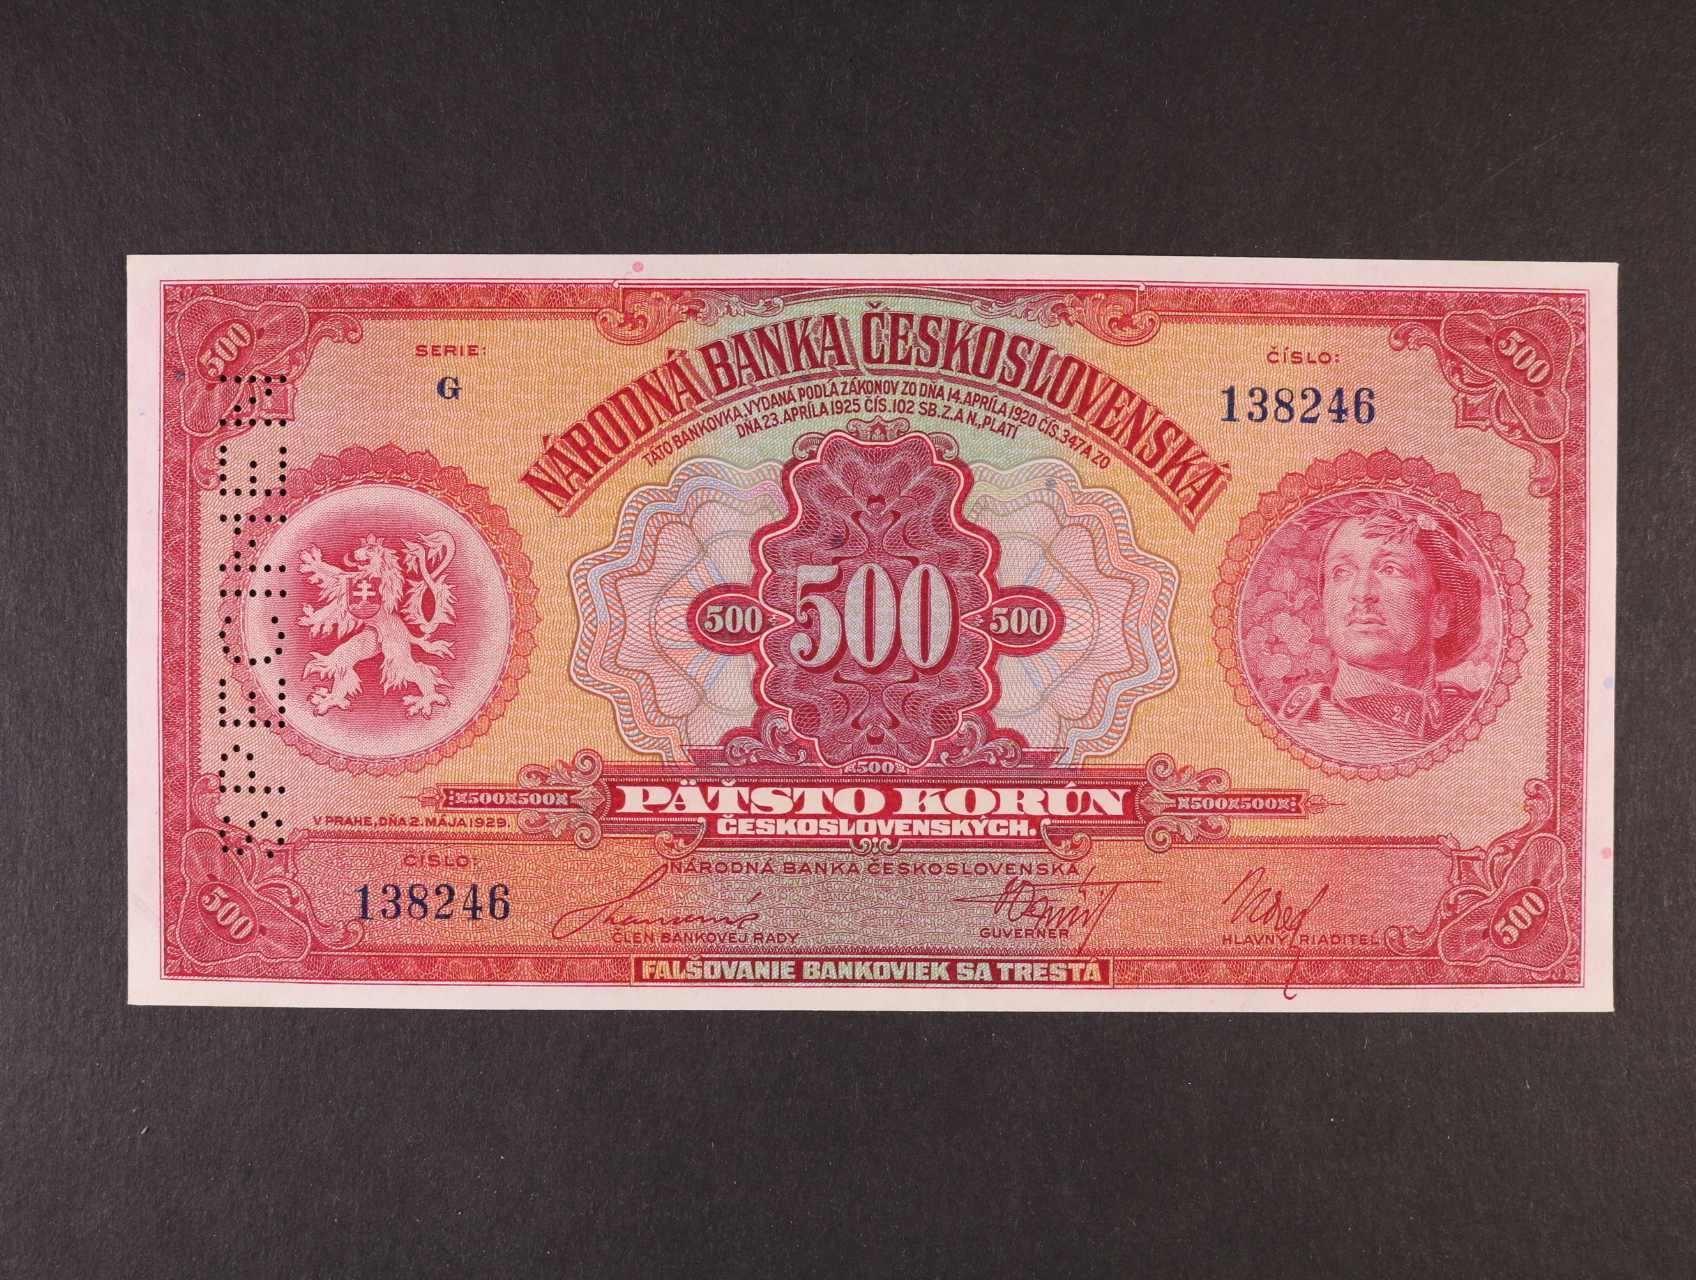 500 Kč 2.5.1929 série G bankovní vzor, svisle perf. SPECIMEN, Ba. 23c, Pi. 24s